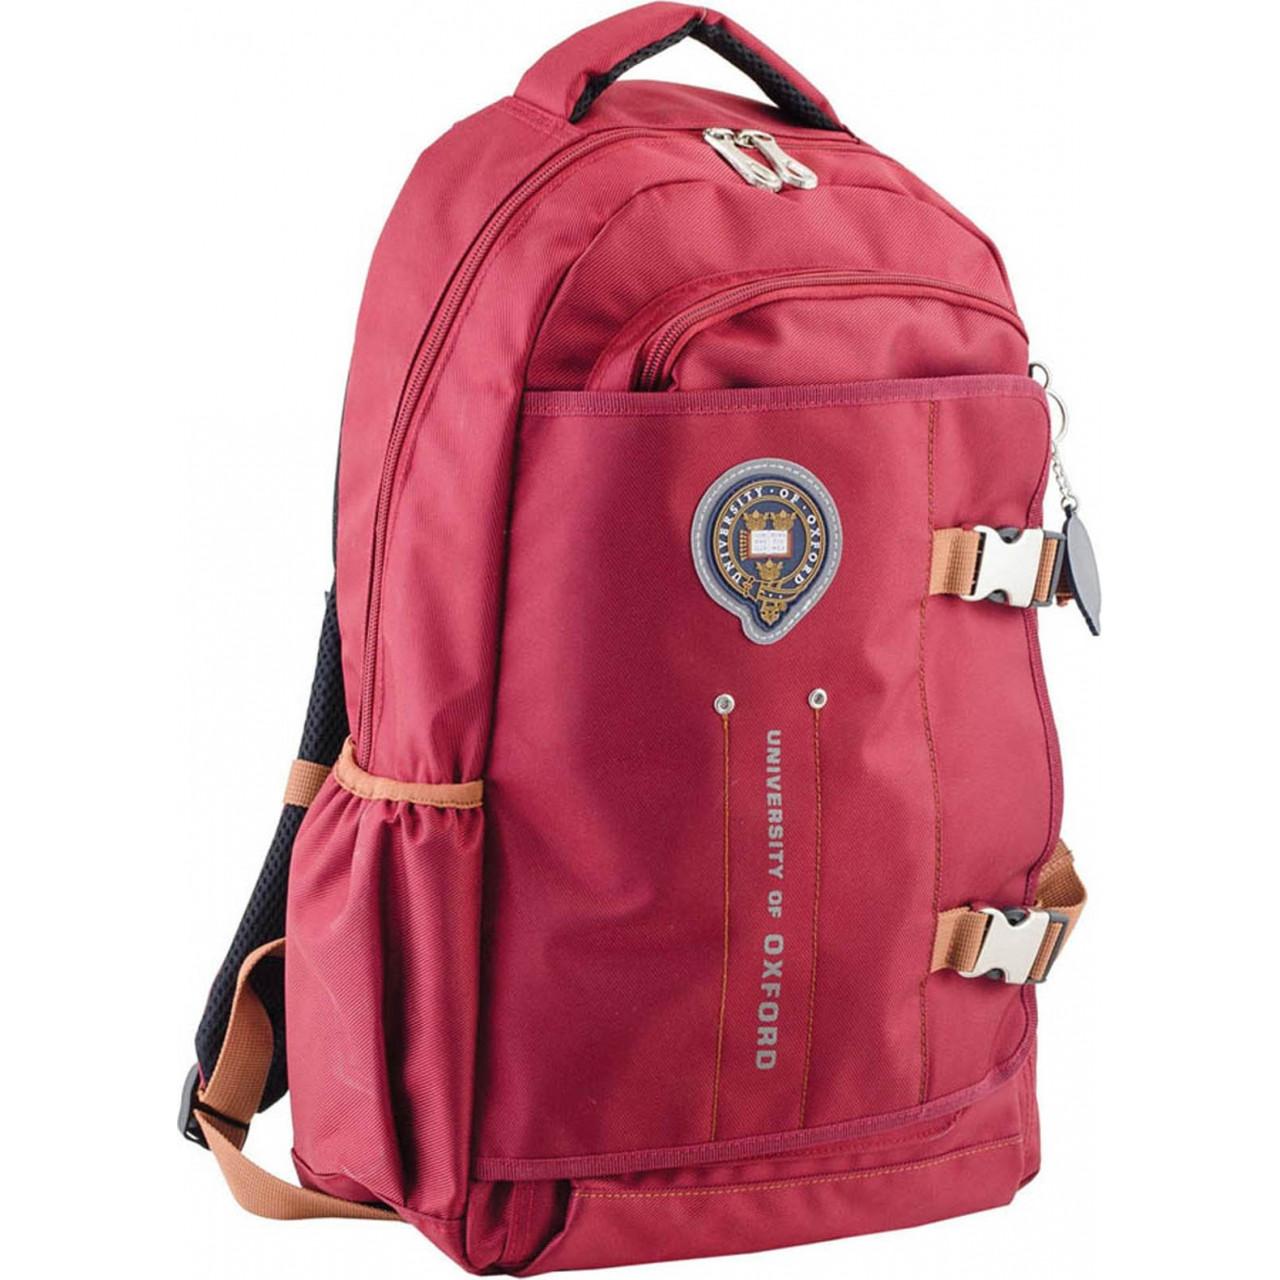 Рюкзак подростковый OX 302, бордовый, 30*47*14.5